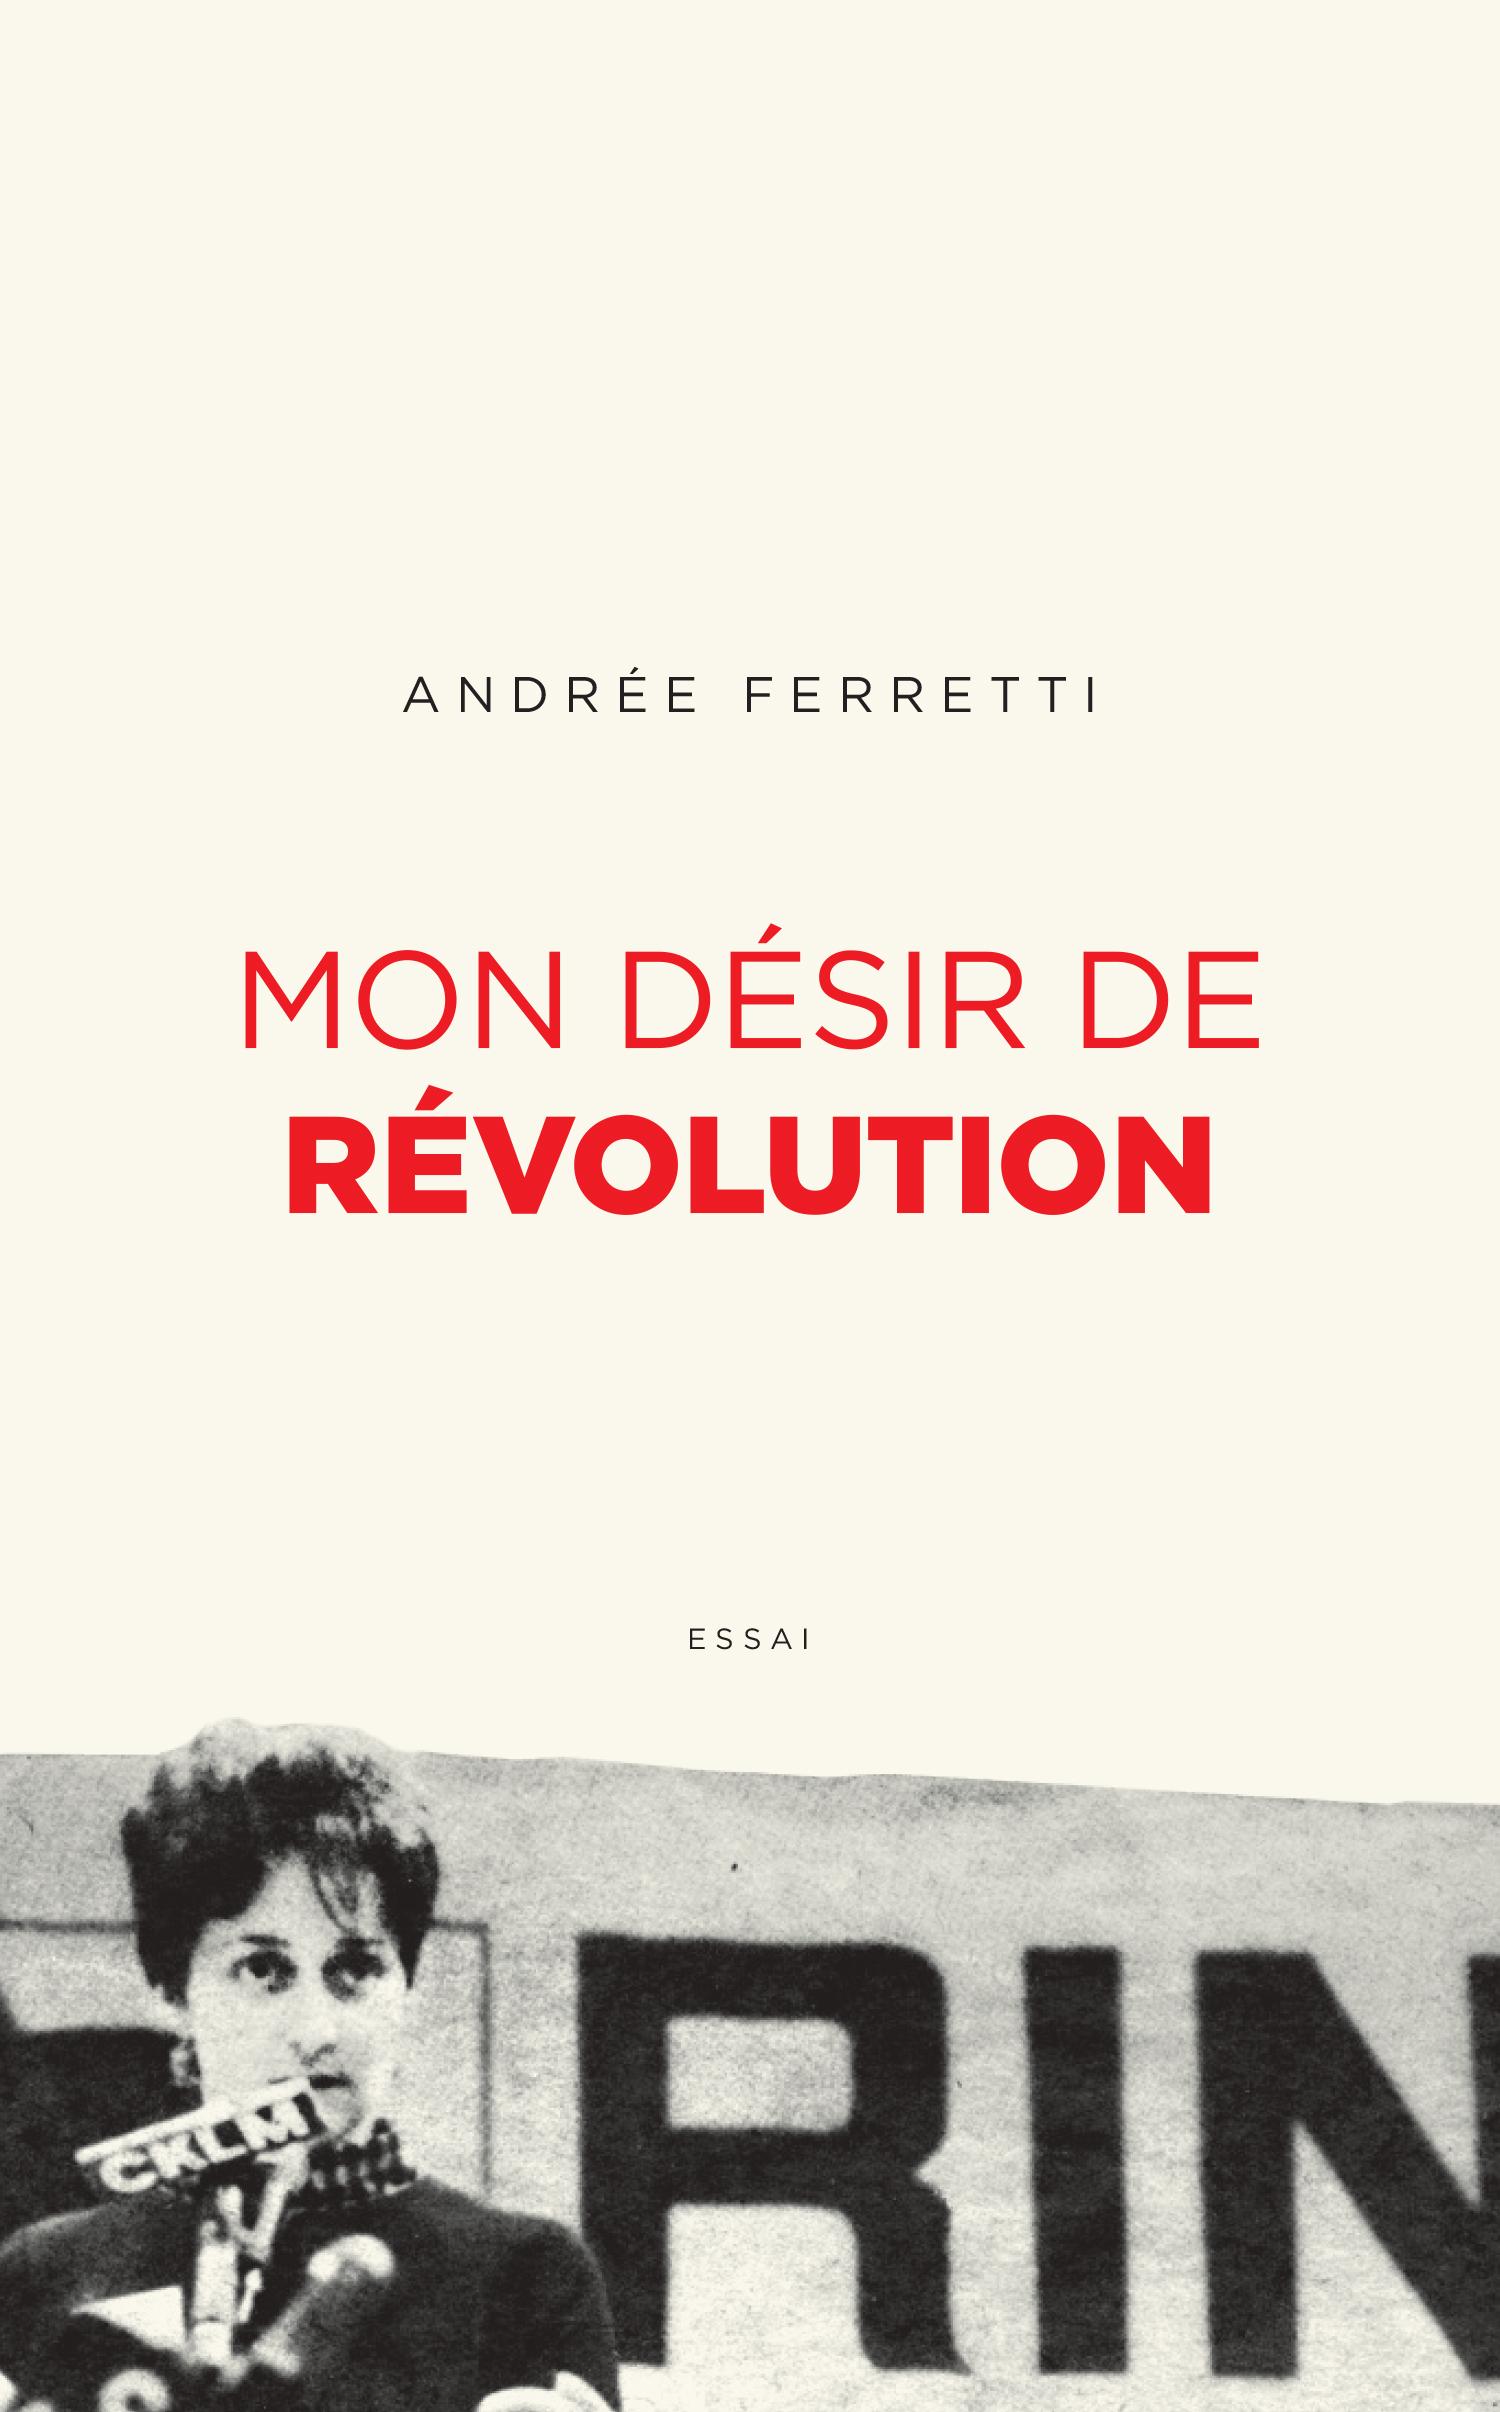 Mon désir de révolution